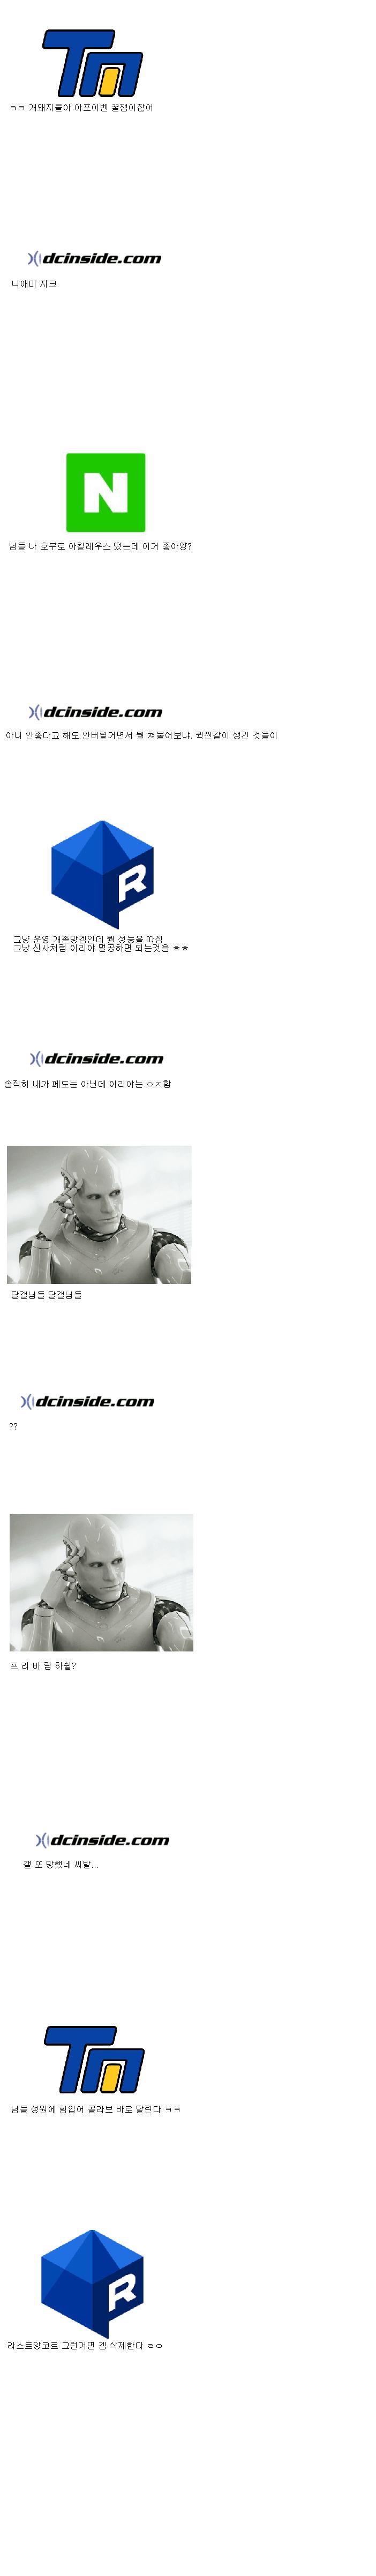 viewimage.php?id=20bbd729&no=24b0d769e1d32ca73dec81fa11d028314d3faebecfec25ed6aa779bc795ef317165f9d7a6fc6b6a88058057280fe453b7b66d975c557093e320226c27802966593df358de718c2aeae2dee139f7820ba861fa28a368cfd0c528cf8